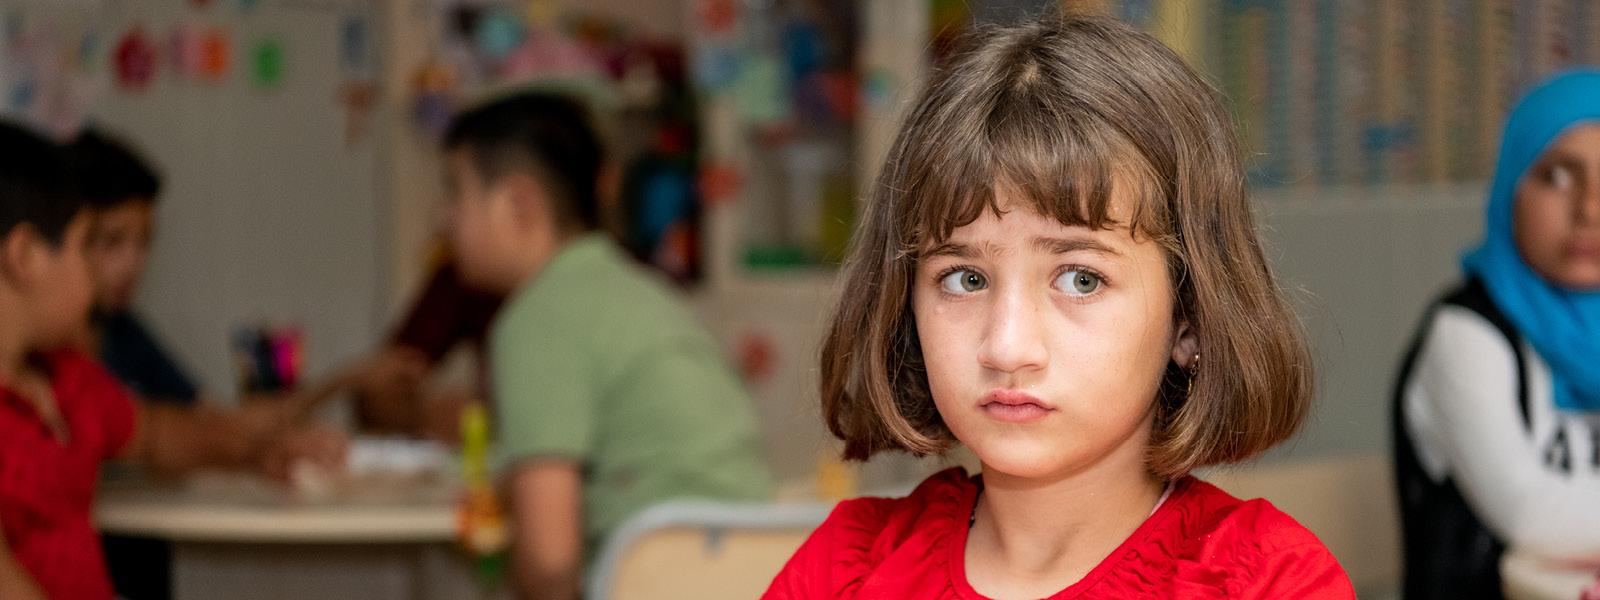 PelastakaaLasten selvitys:Suomessa kriisitilanteissa suurin uhka koettelee haavoittavimmassa asemassa olevia lapsia ja perheitä